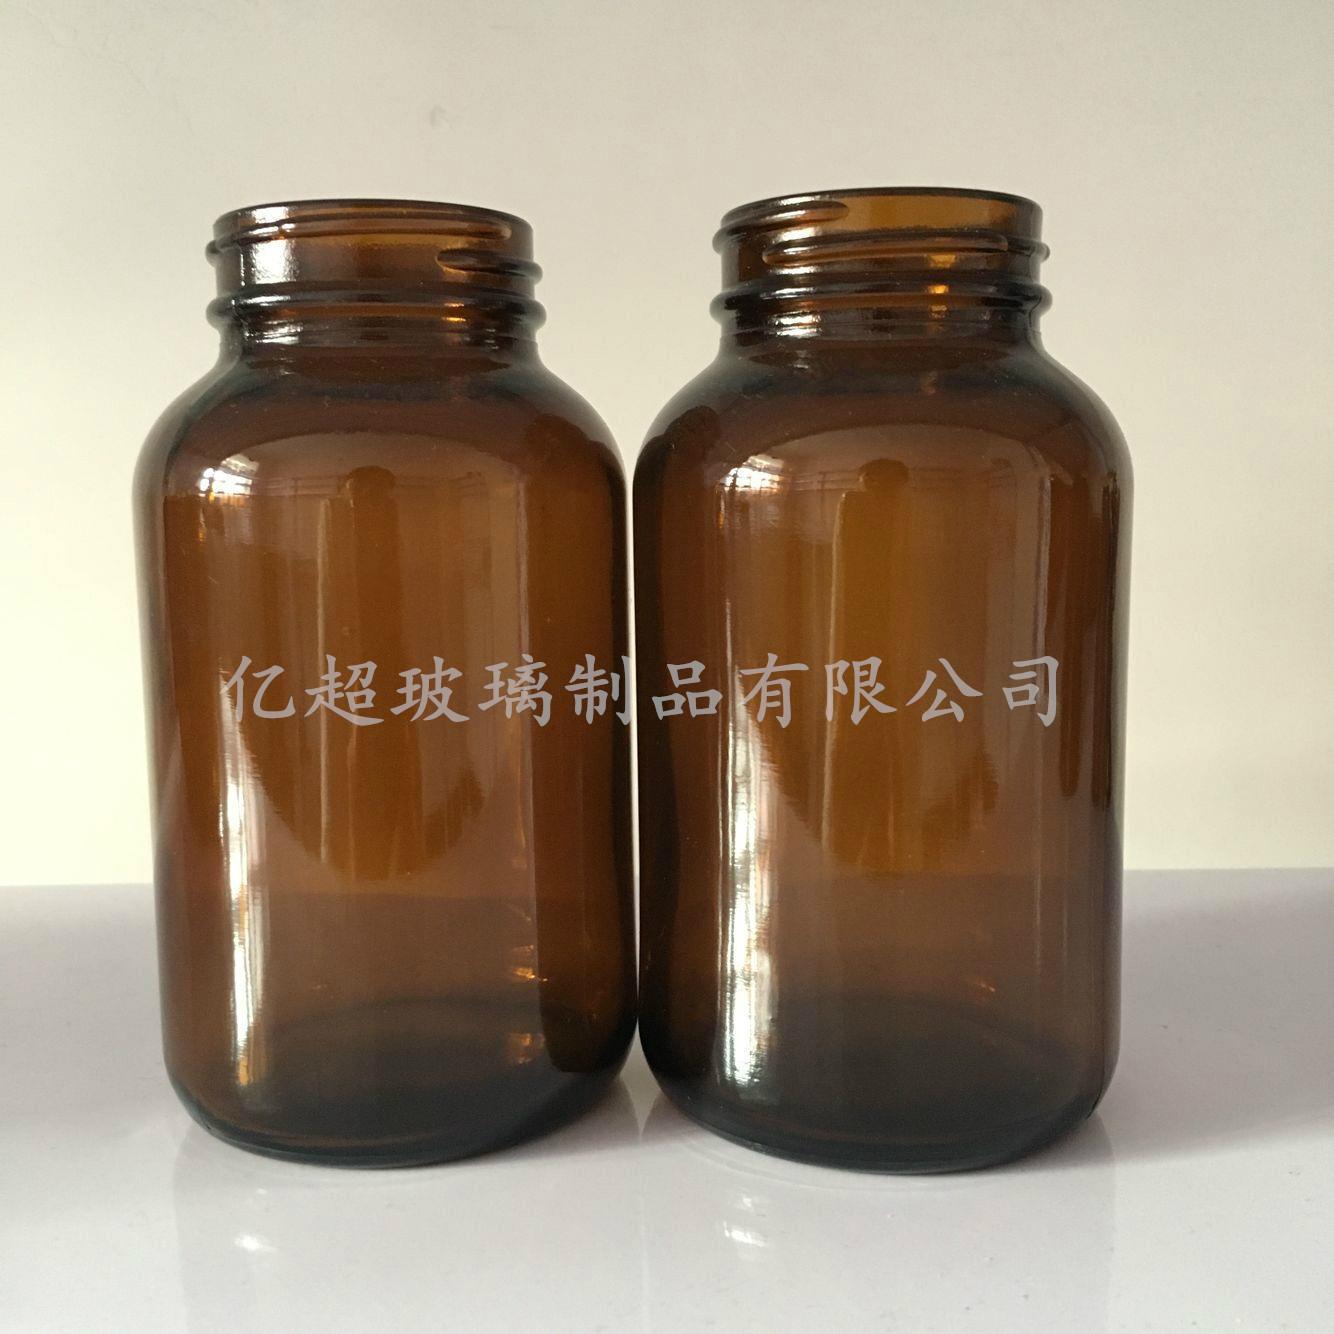 药用玻璃瓶包装以人为本 1